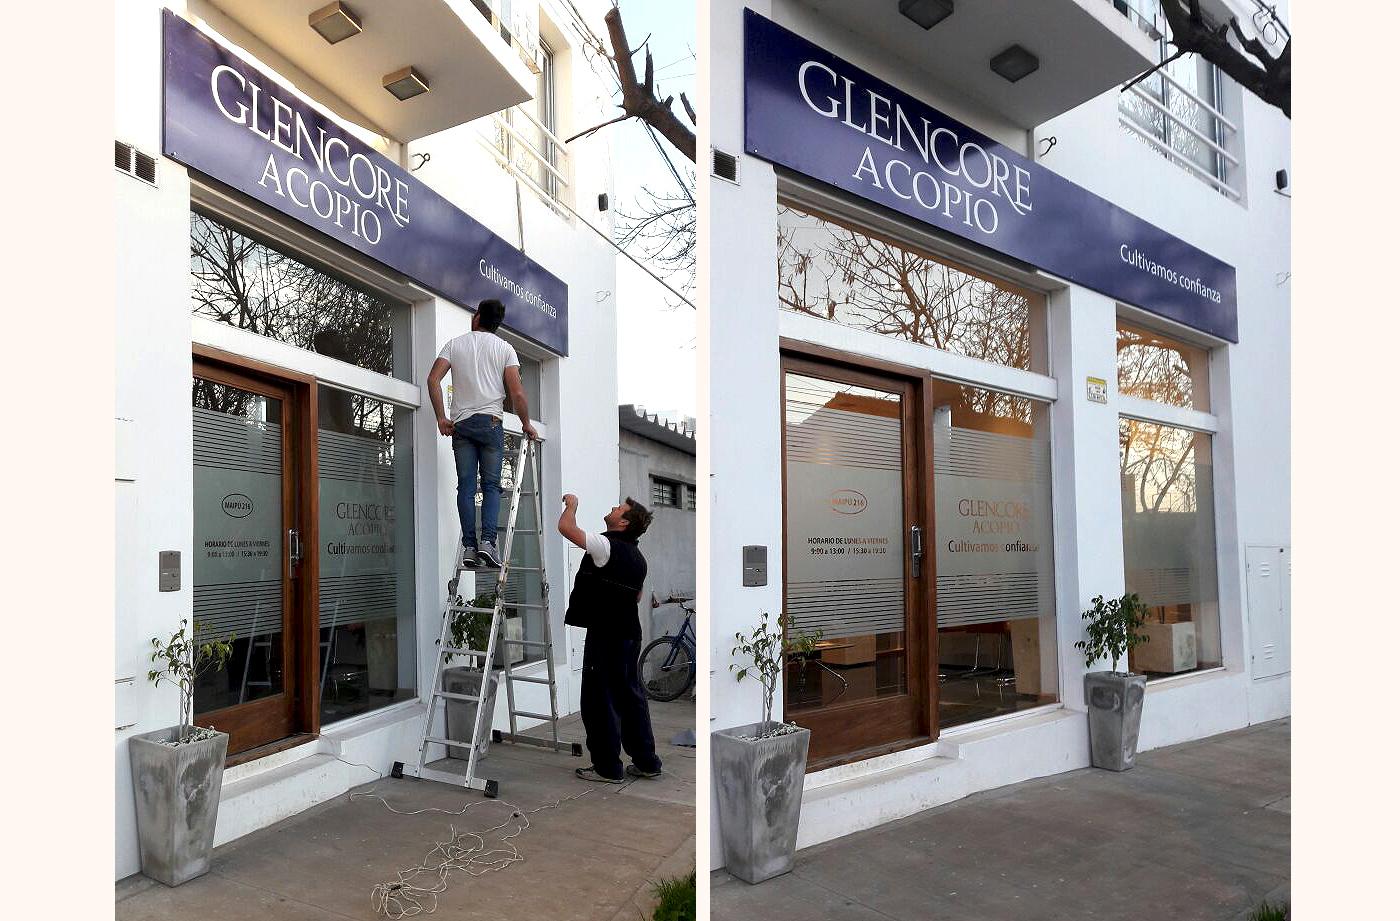 carte y rotulación para Glencore Acopio, imagen exterior para empresa por María Salas